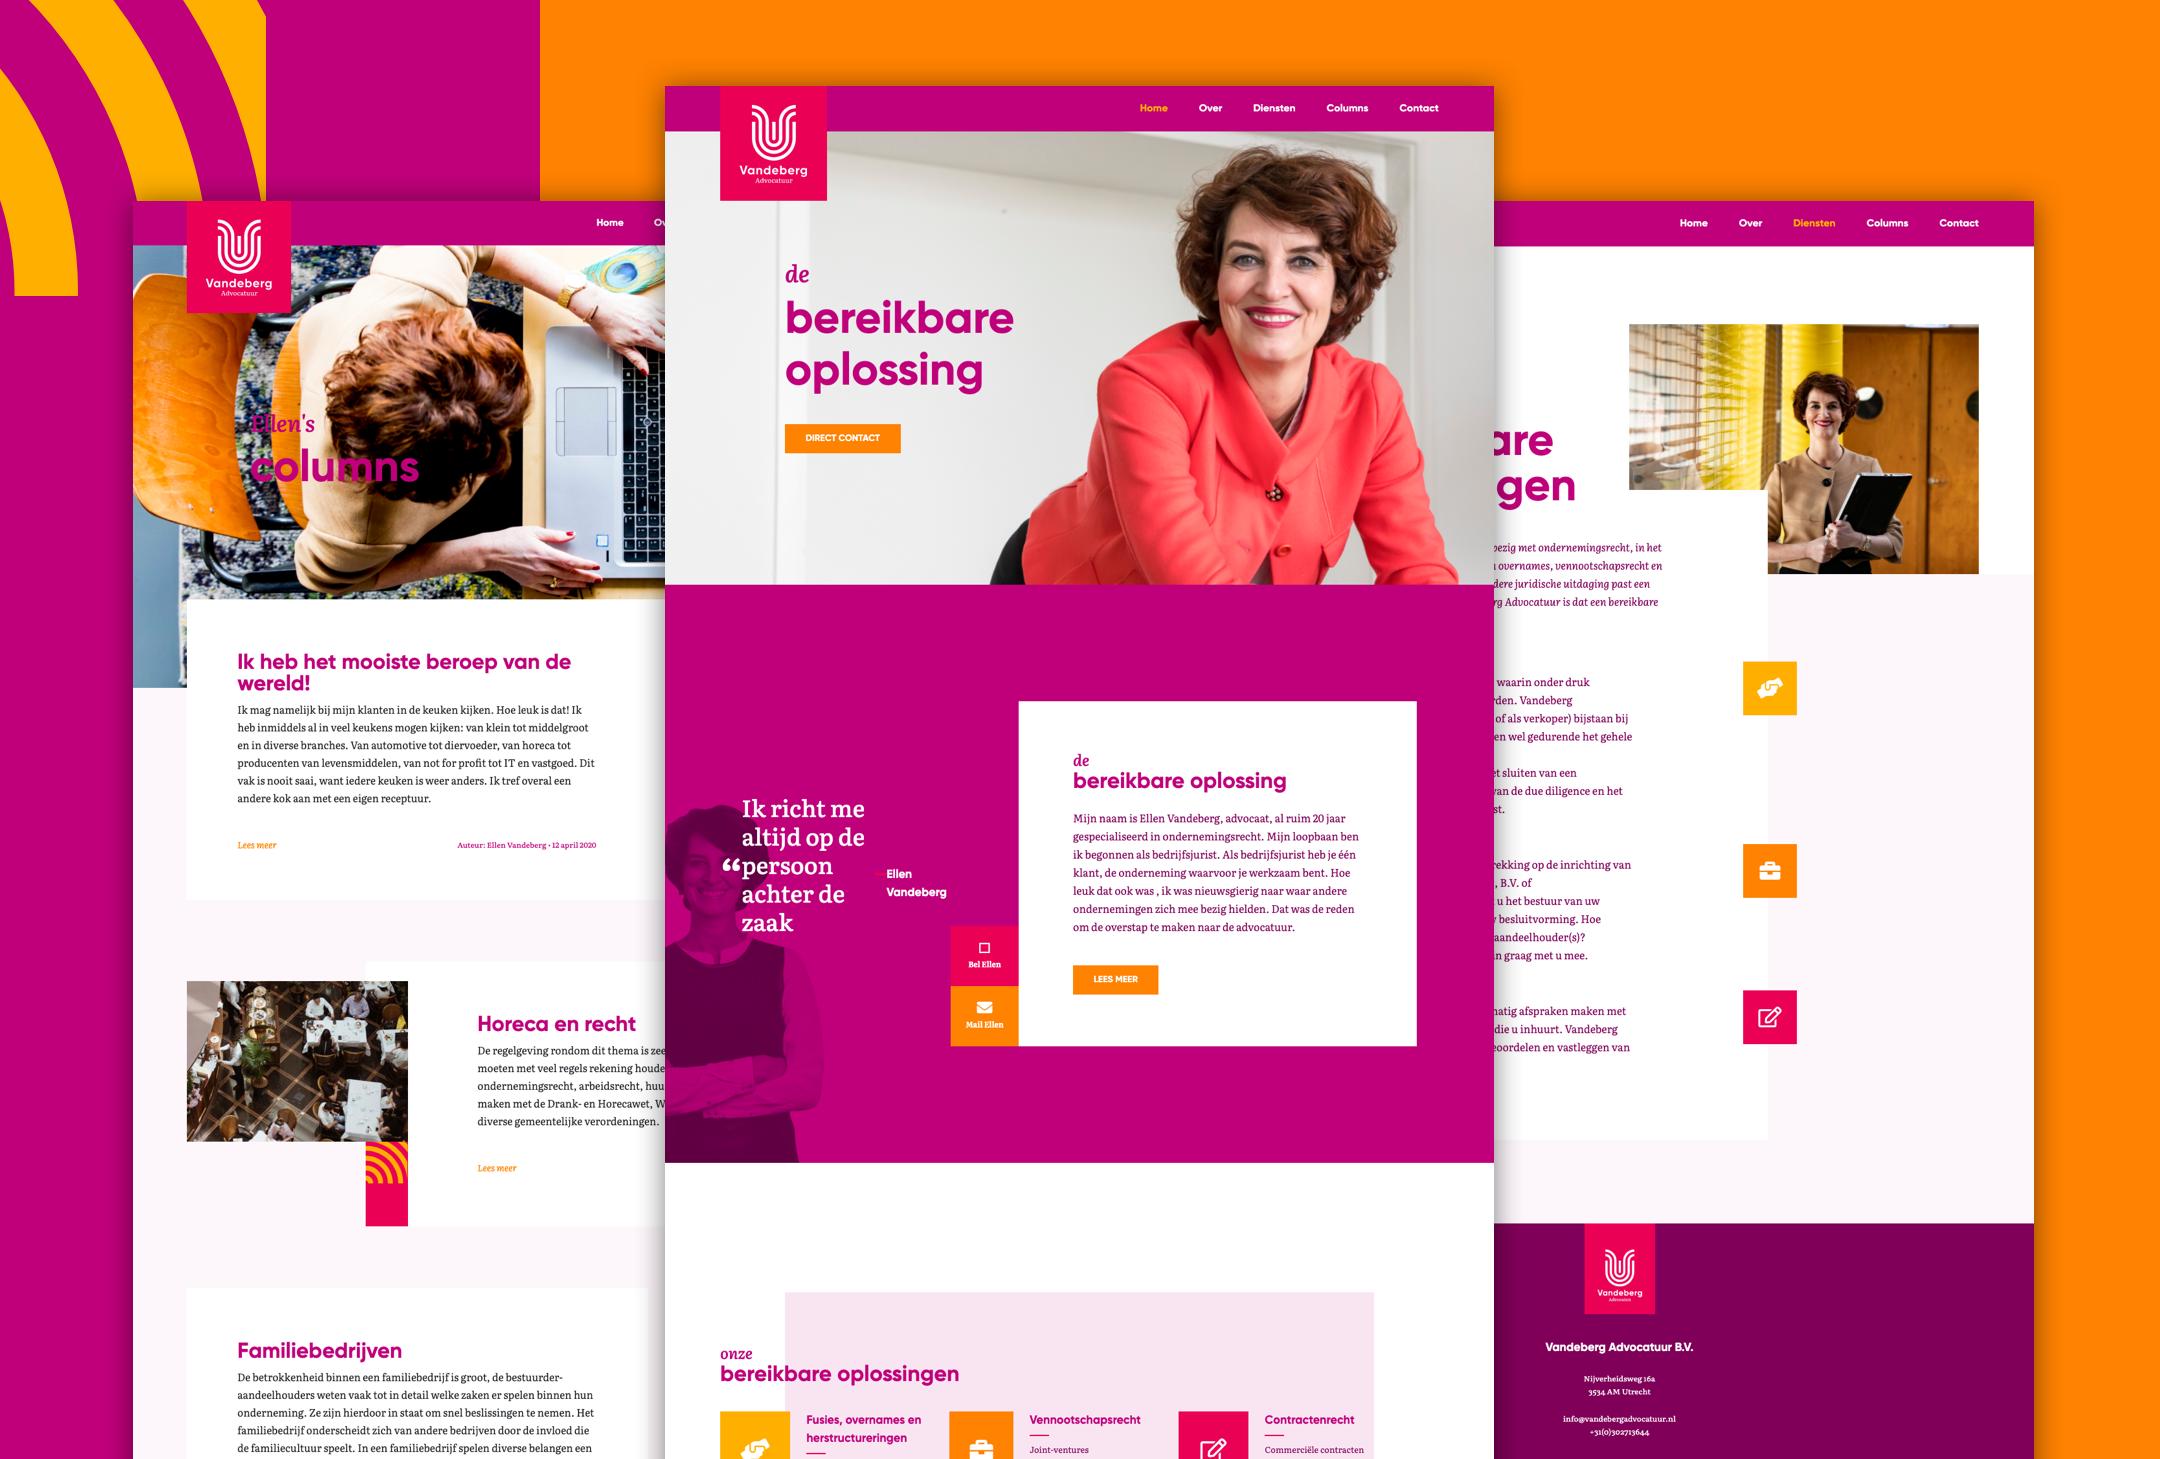 Vandeberg advocatuur websitedesign